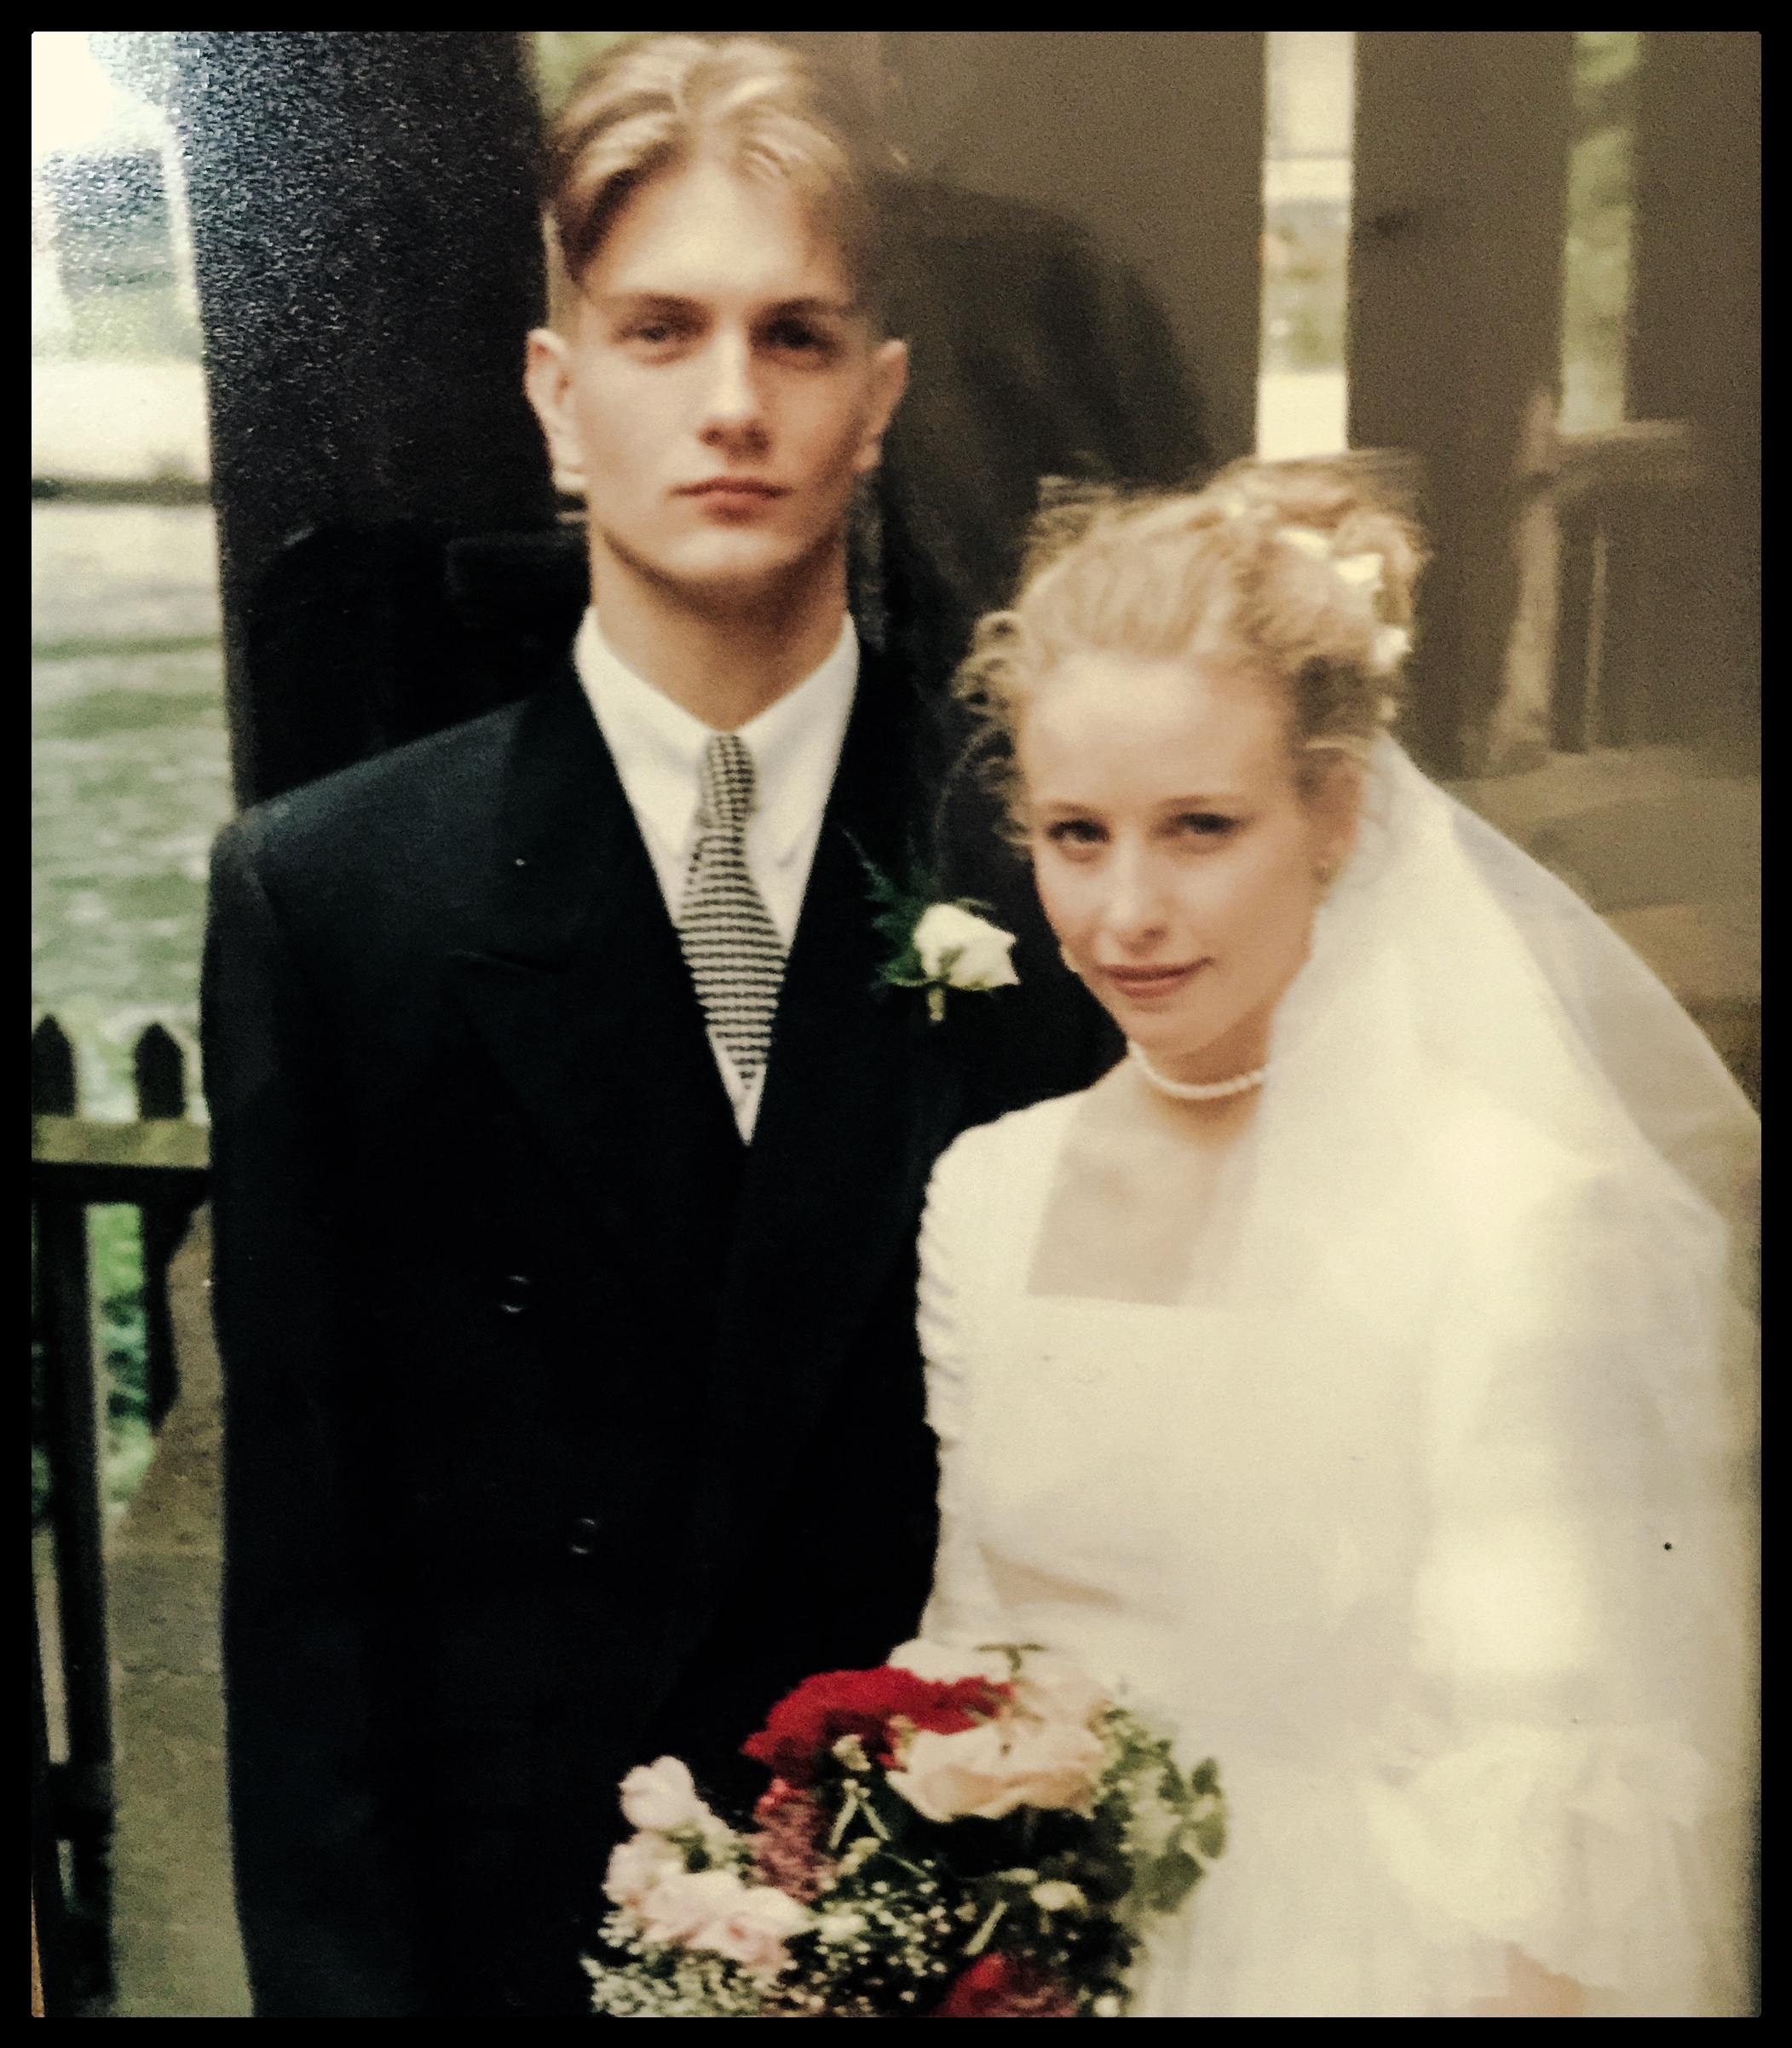 So we were kids. July 1993, London.